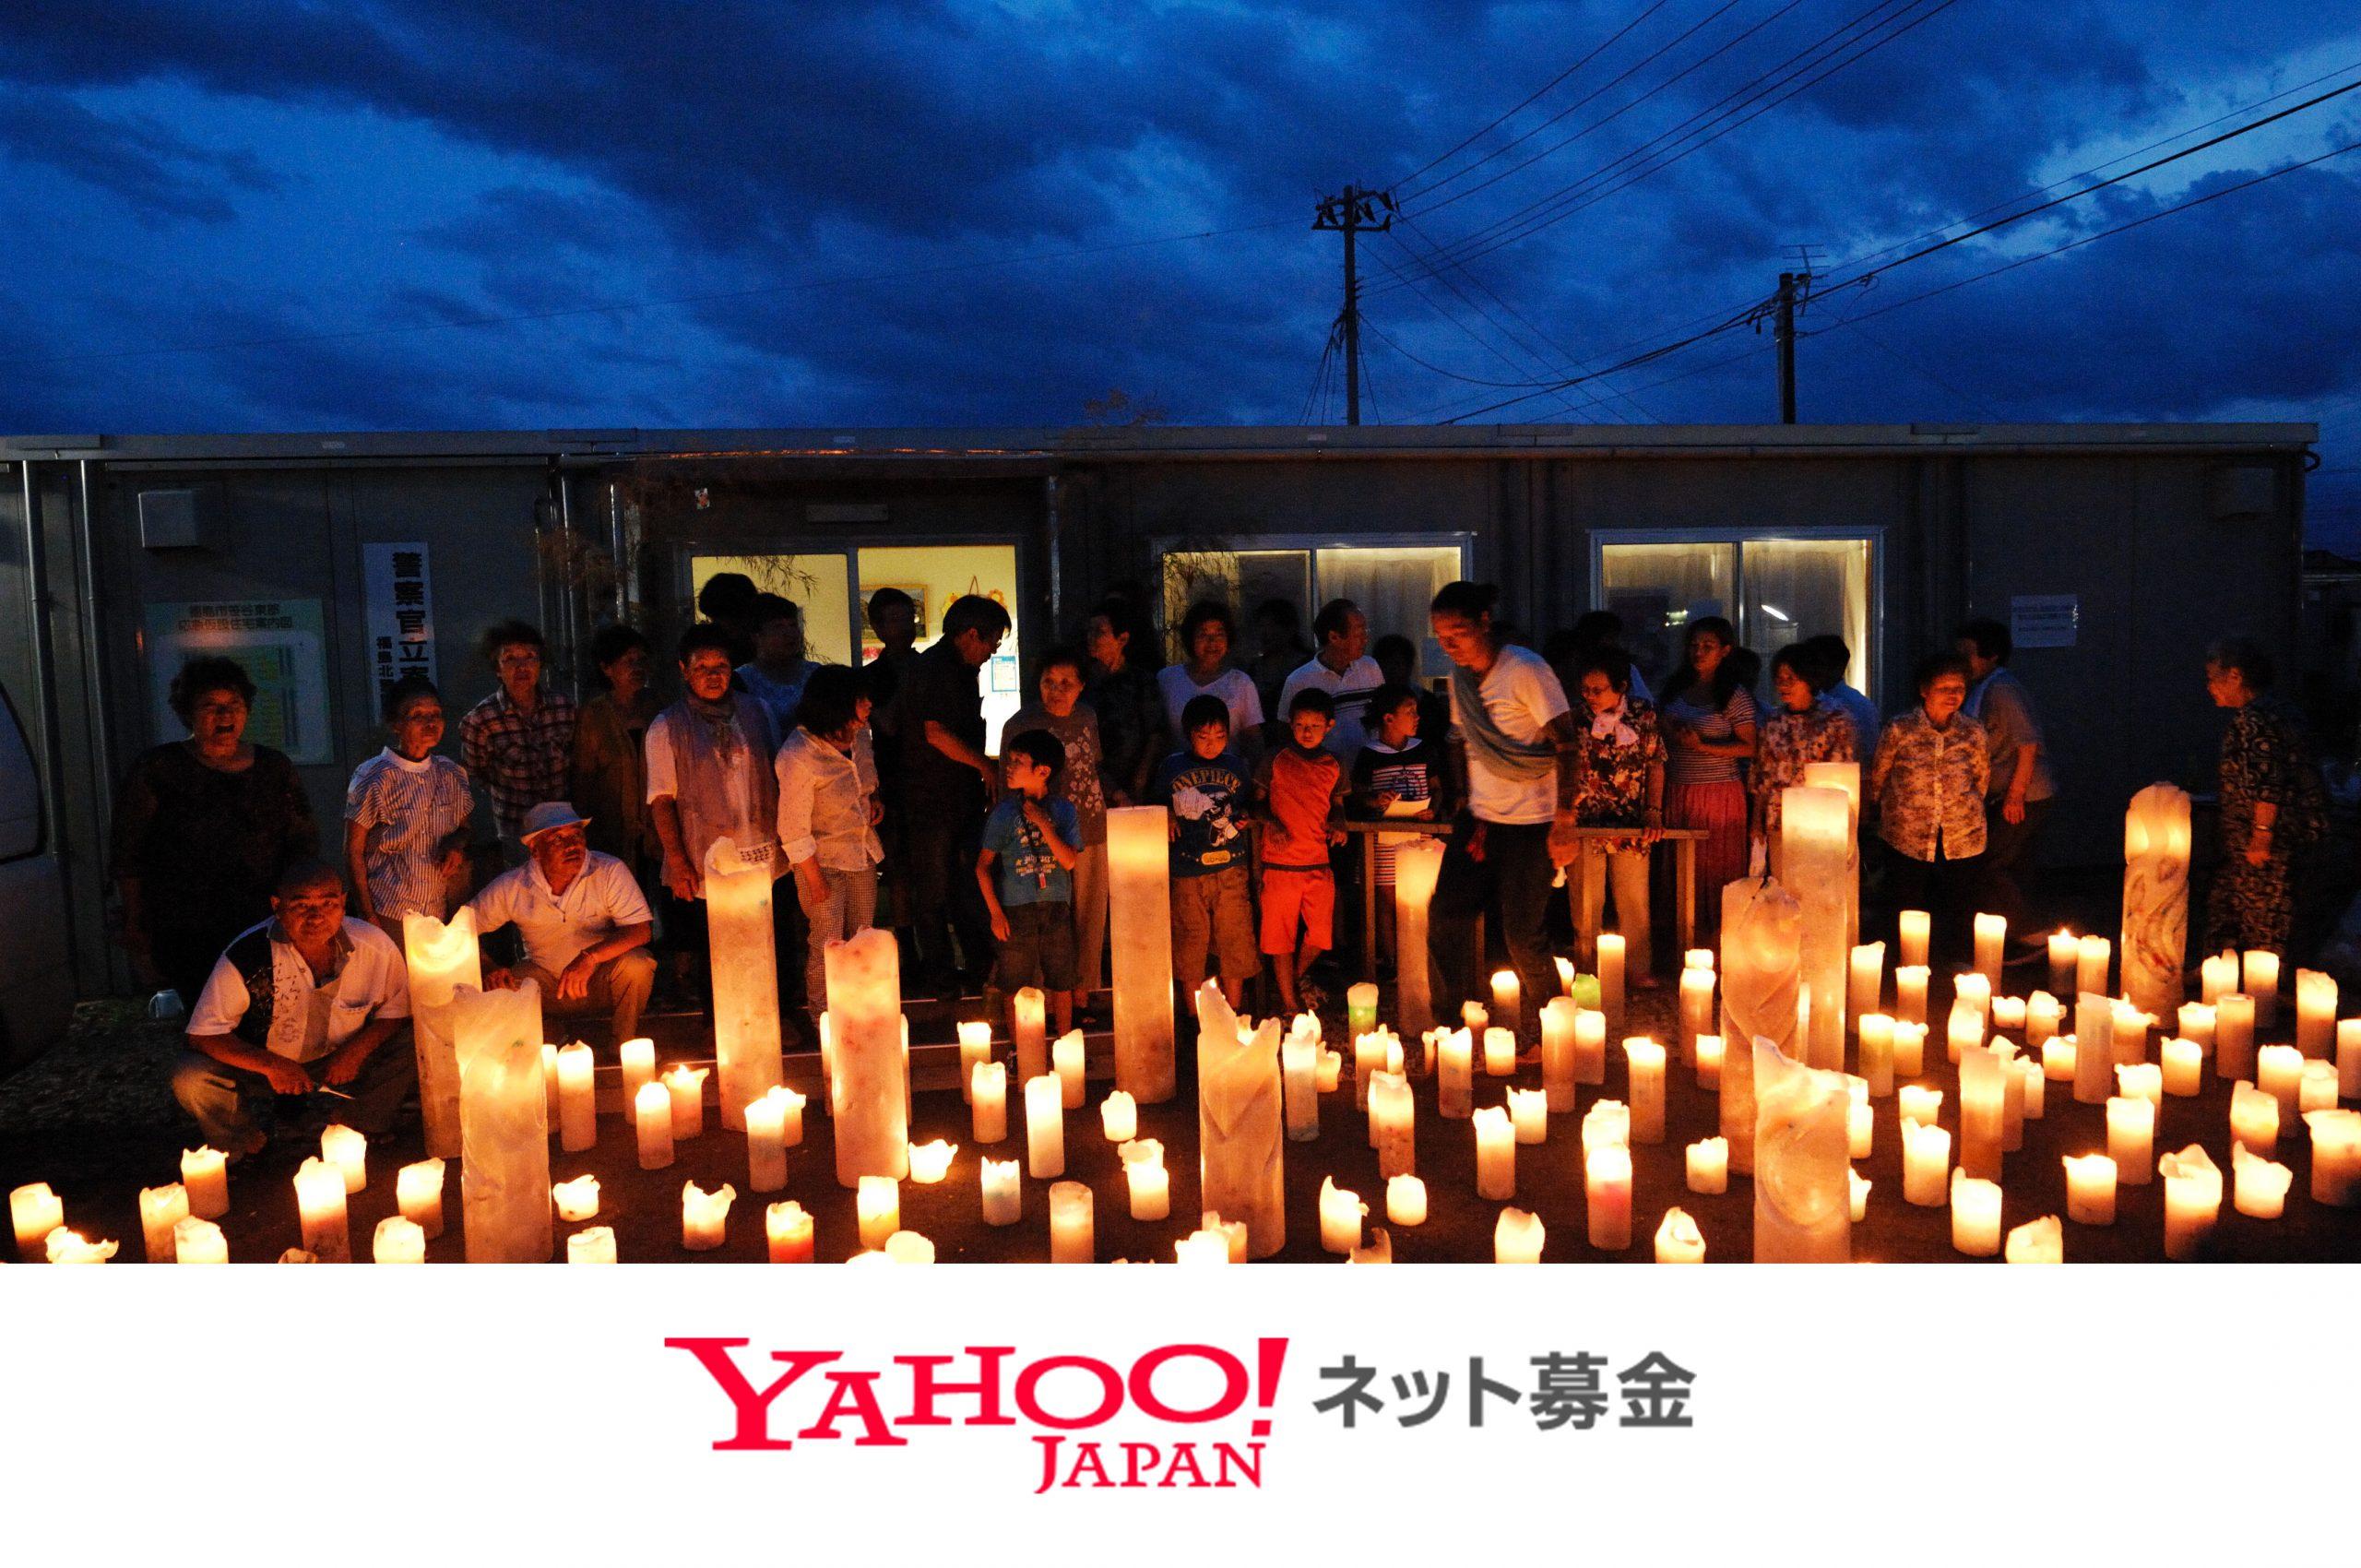 Yahoo!ネット募金の開始とSOTEシンポジウムの年間プログラムのお知らせ